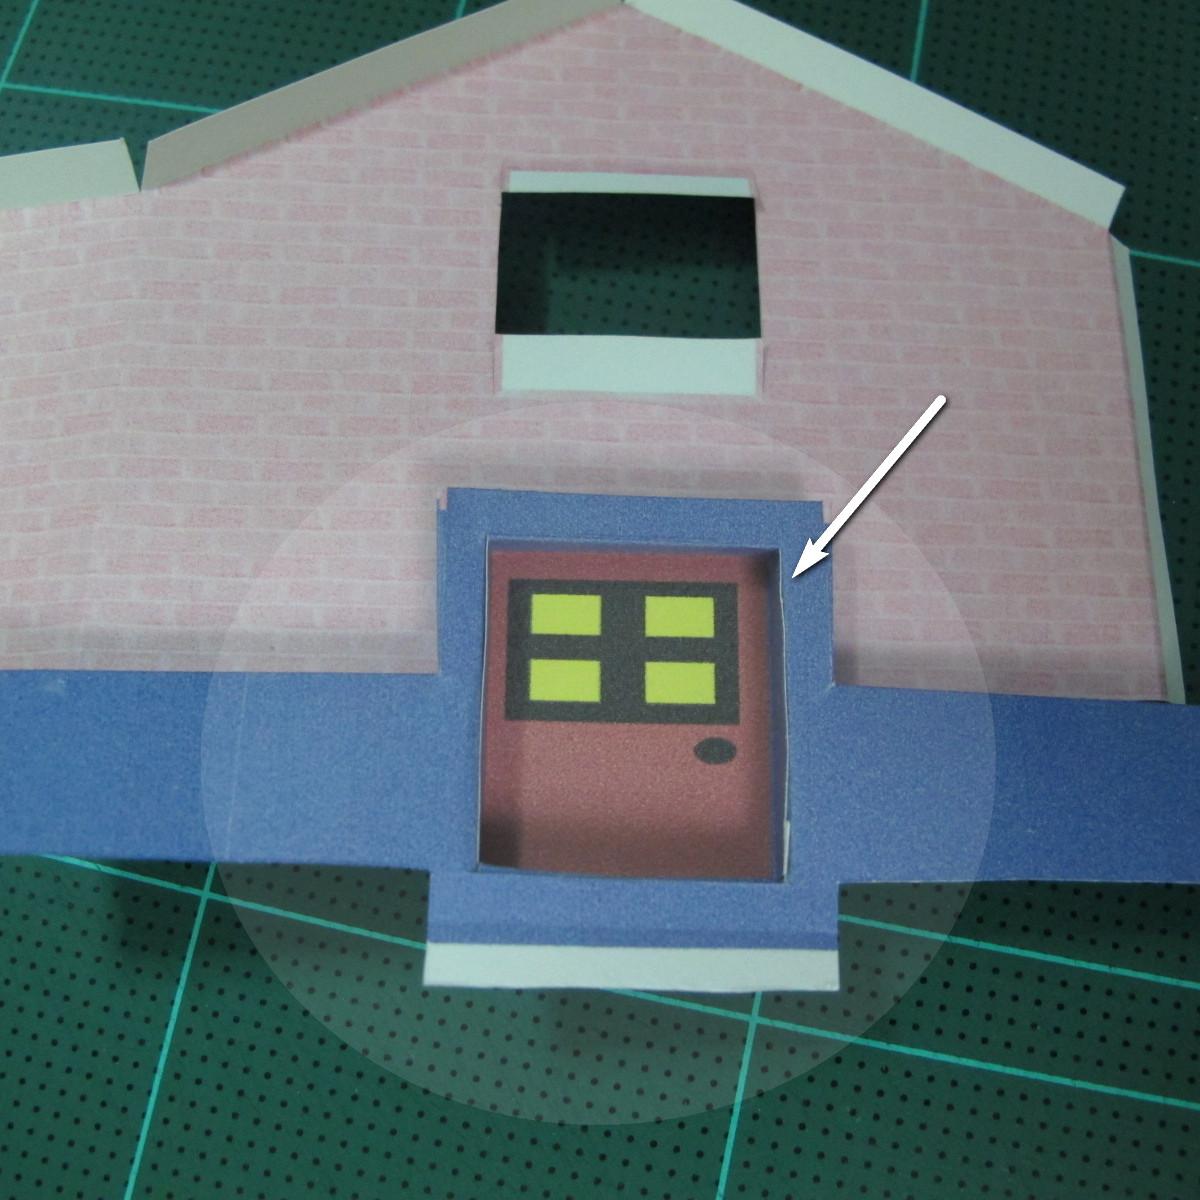 วิธีทำโมเดลกระดาษเป็นรูปบ้าน (Little House Papercraft Model) 006